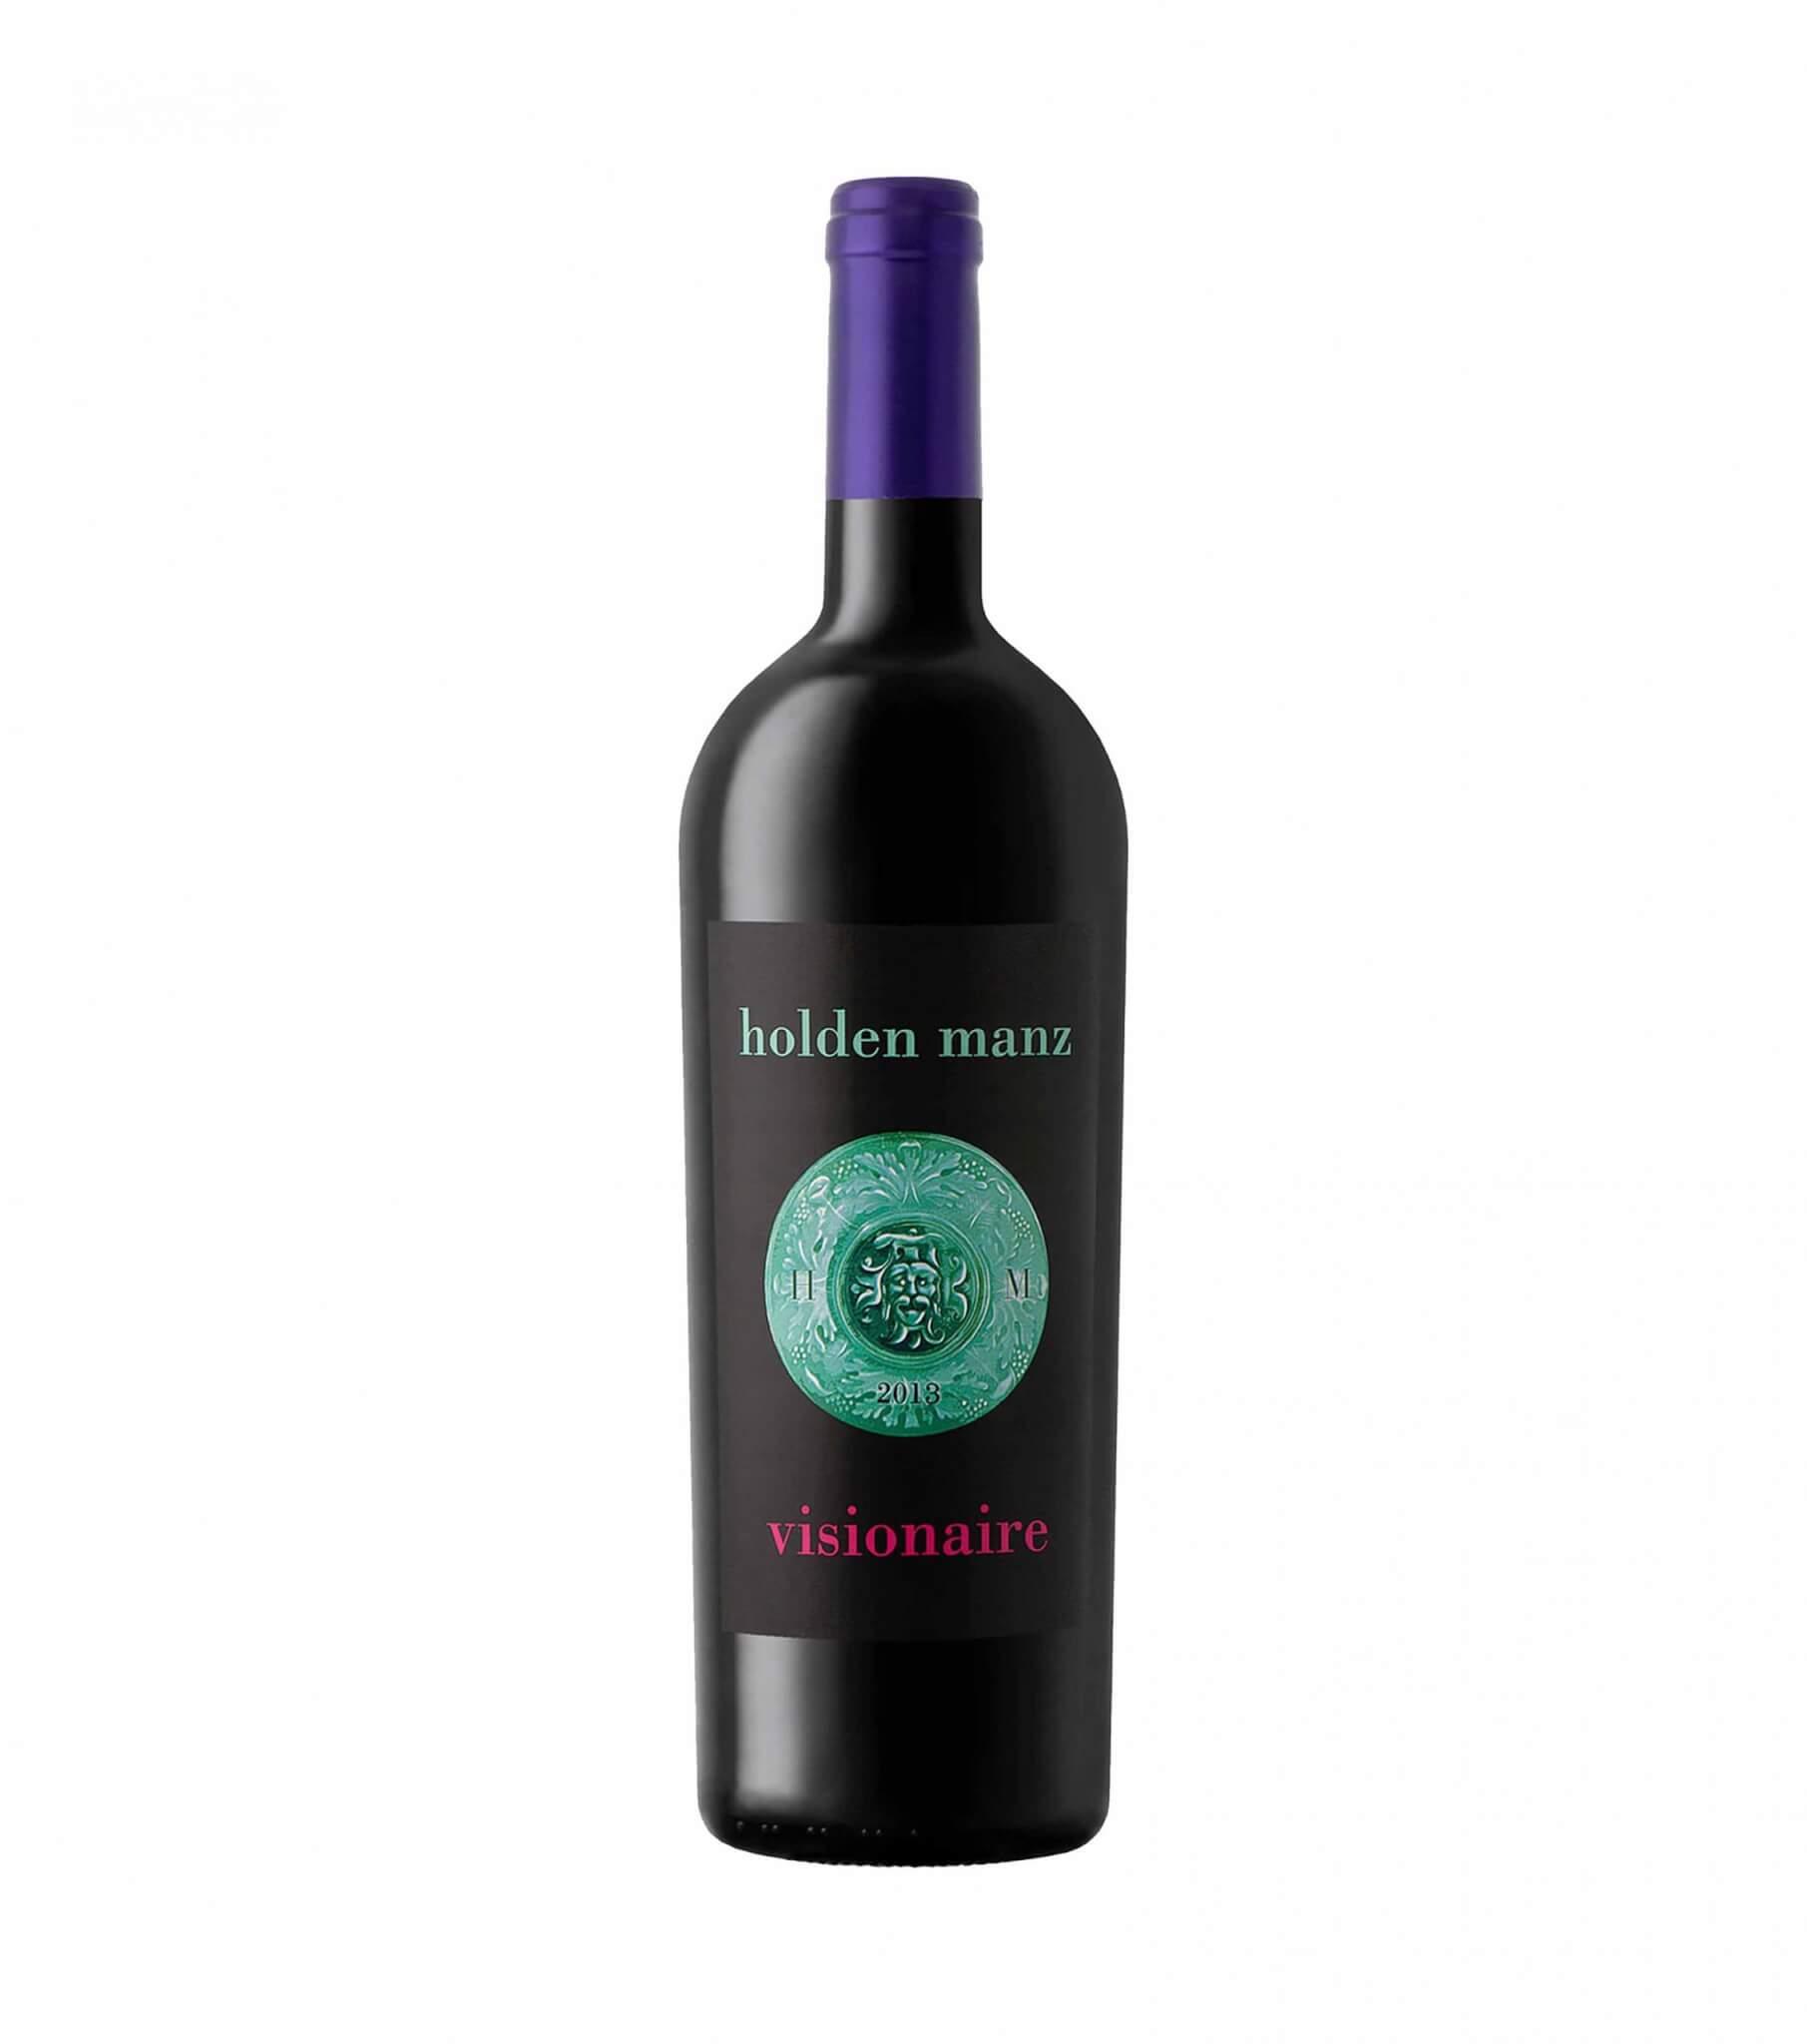 HOLDEN MANZ VISIONAIRE red vegan wine